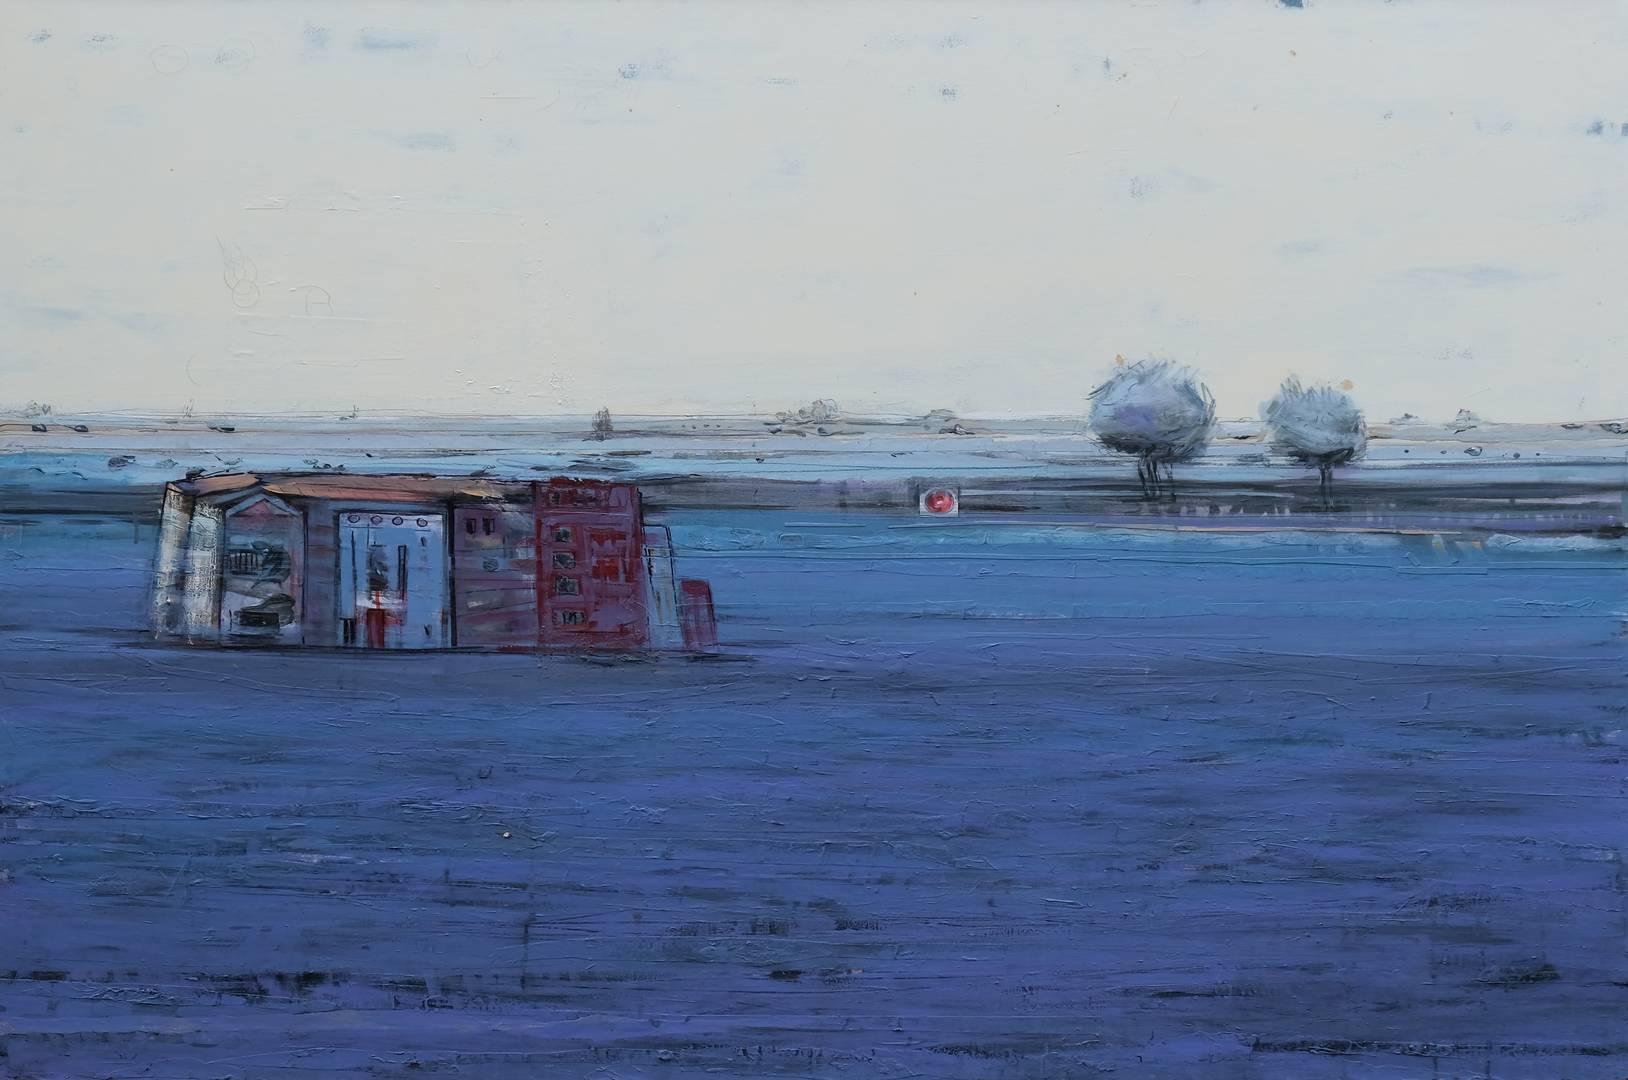 Sait Toprak, Sait Toprak, Xweza serisinden, 120x150 cm, Tuval üzerine karışık teknik, 2008,,